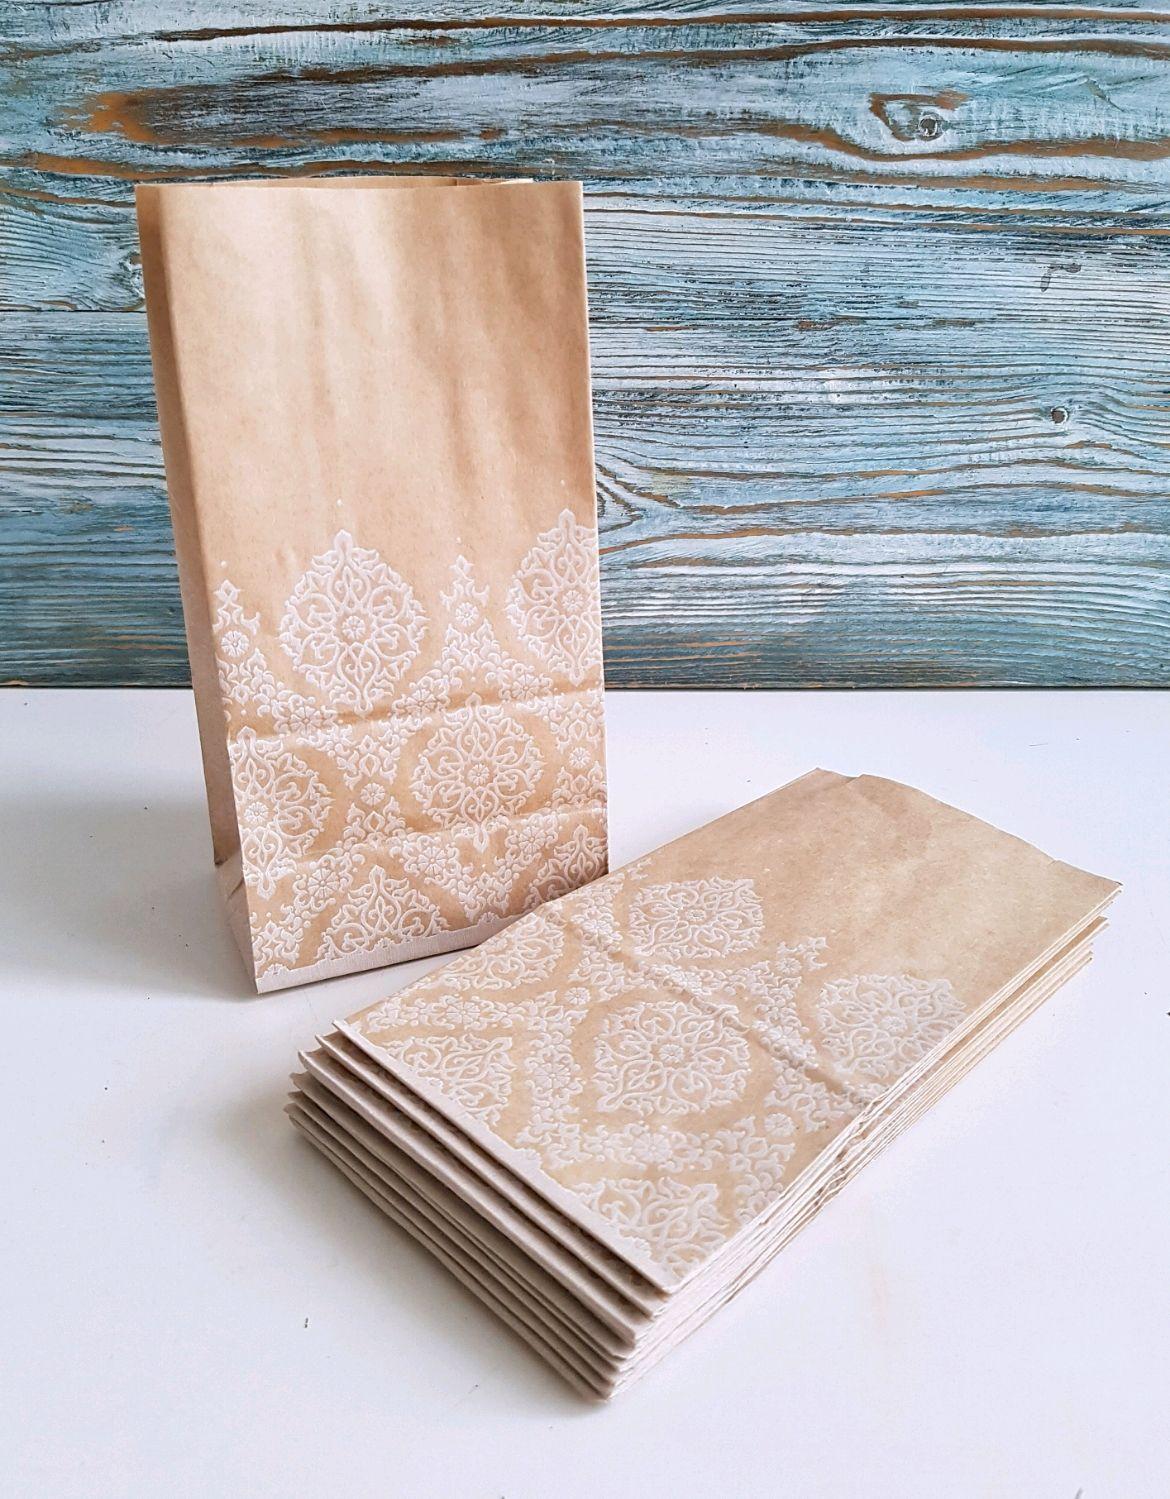 Крафт-пакеты с рисунком 100х70х190, Пакеты, Москва,  Фото №1